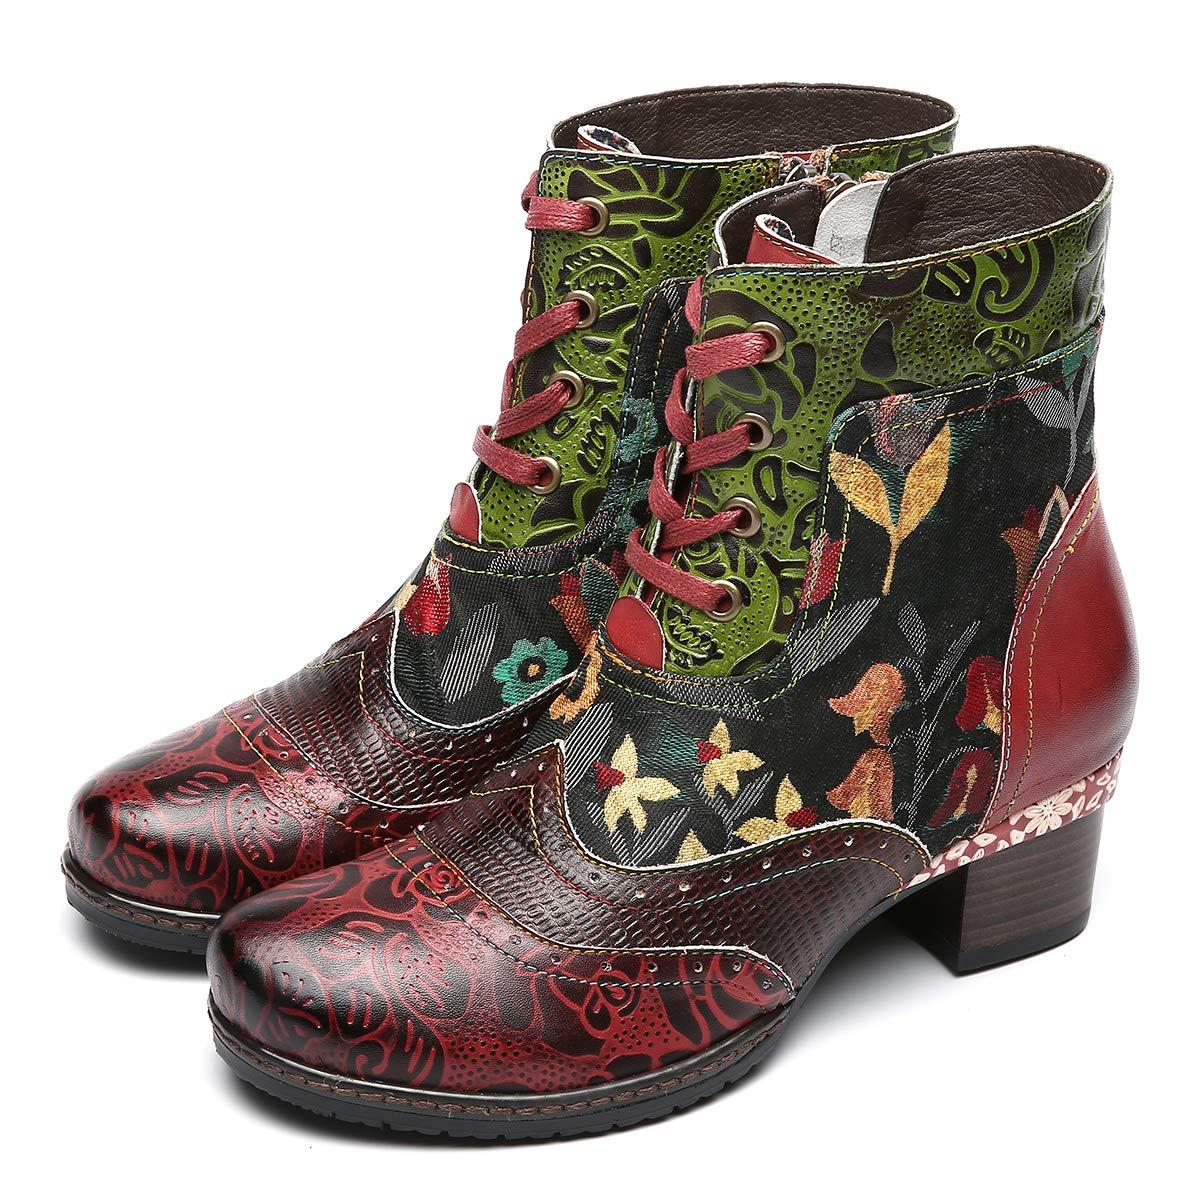 610449acdf2c94 Camfosy Bottines Cuir Femme Plates, Chaussures Ville Hiver à Talons Plats  Boots Bottes à Lacets avec Semelle Confortable pour Pieds Larges Design  Original ...